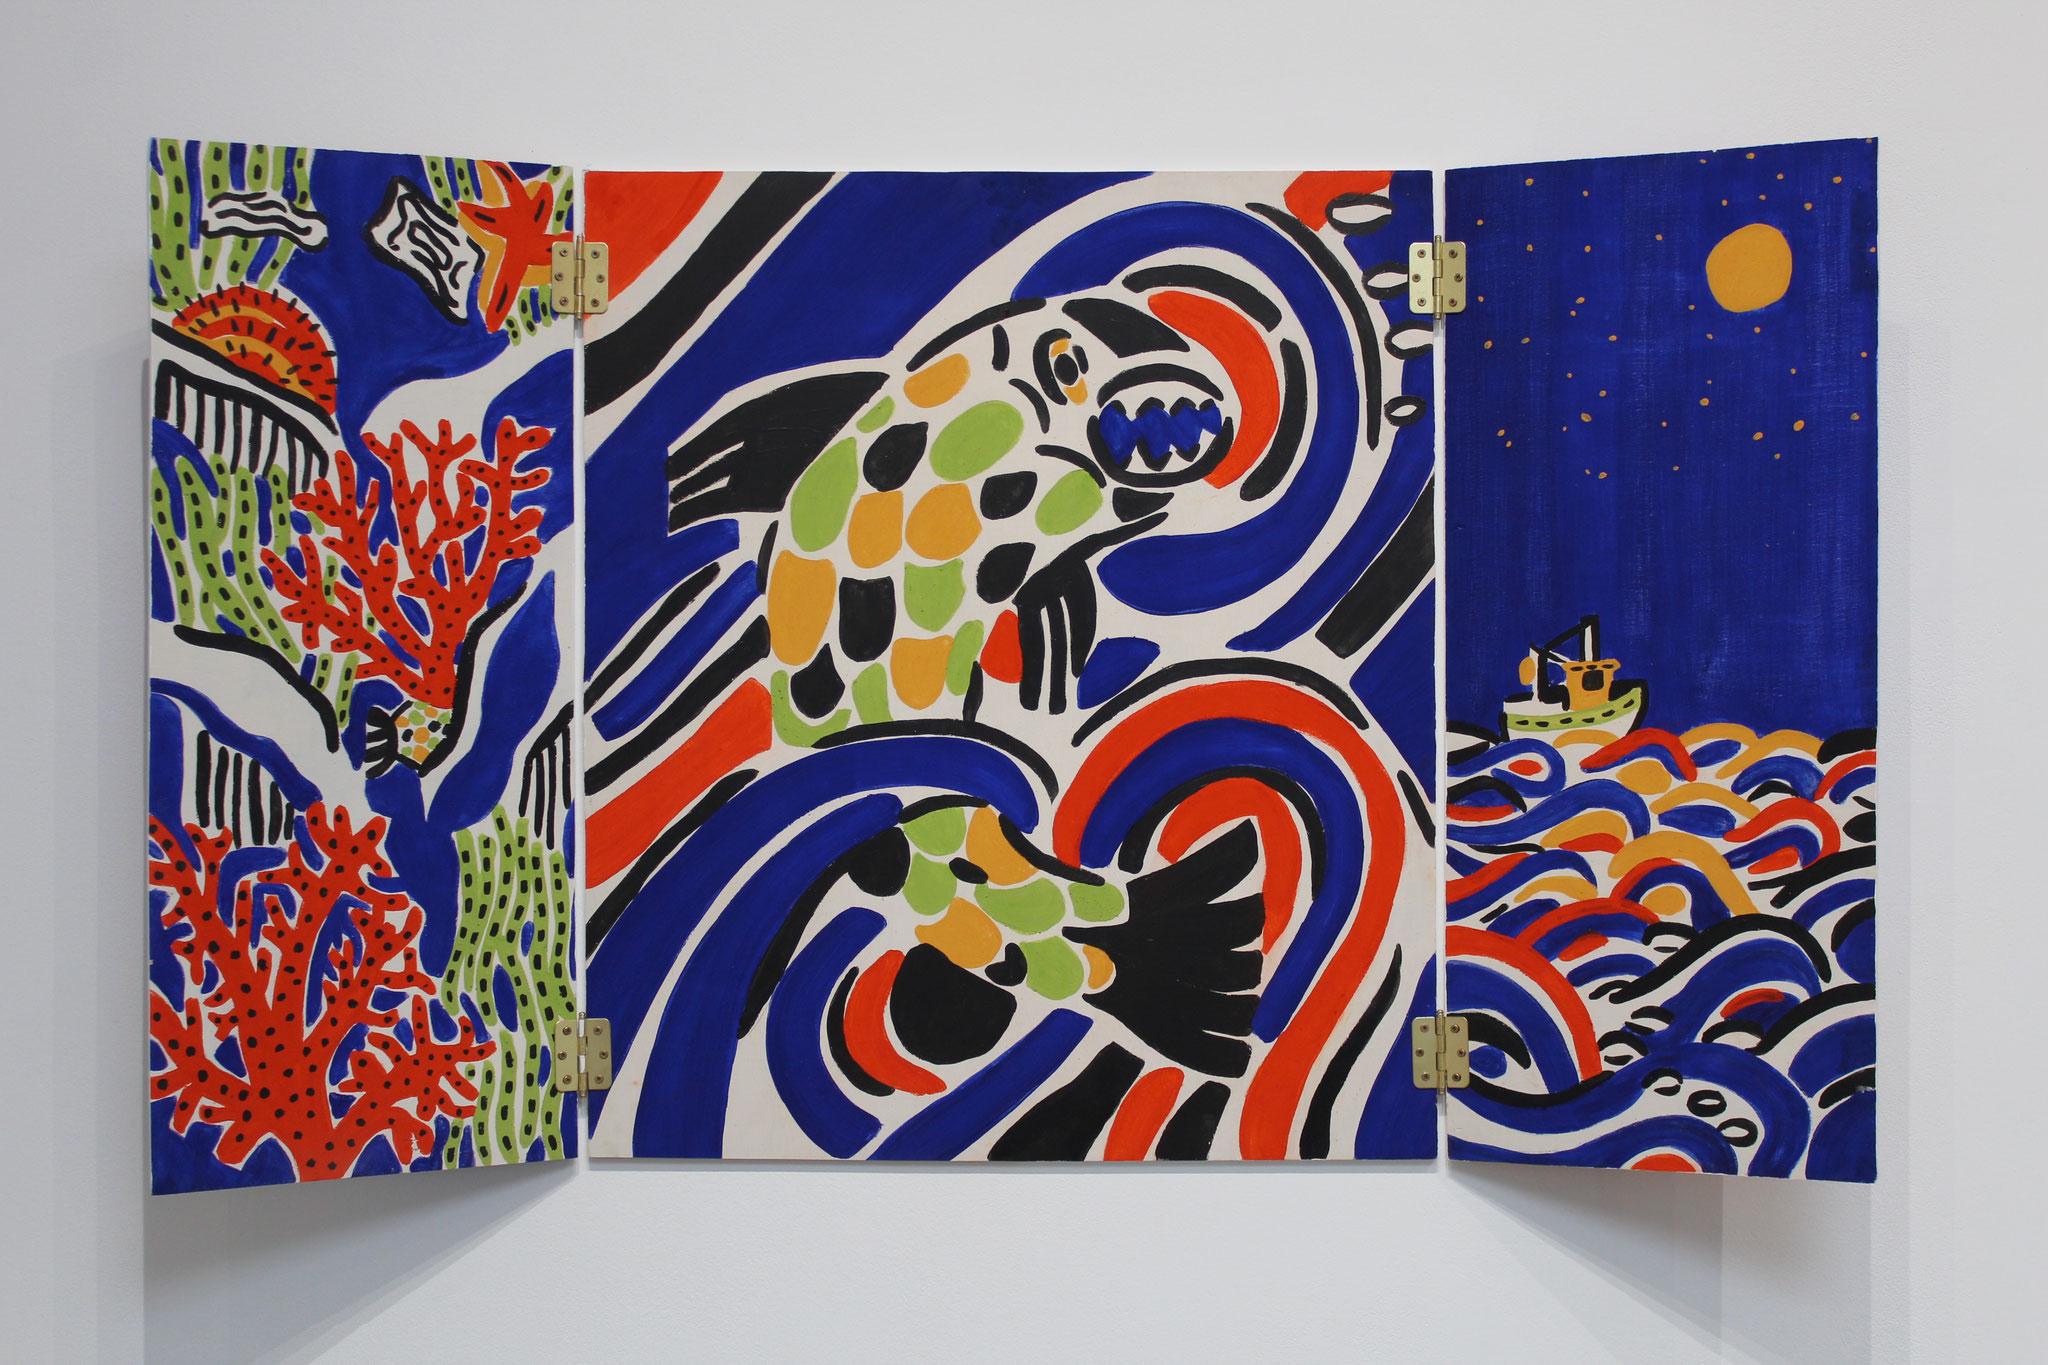 Métamorphose II : Potre Penn er lô, peinture naturelle sur bois, 120 x 70 cm ouvert, 60 x 70 fermé